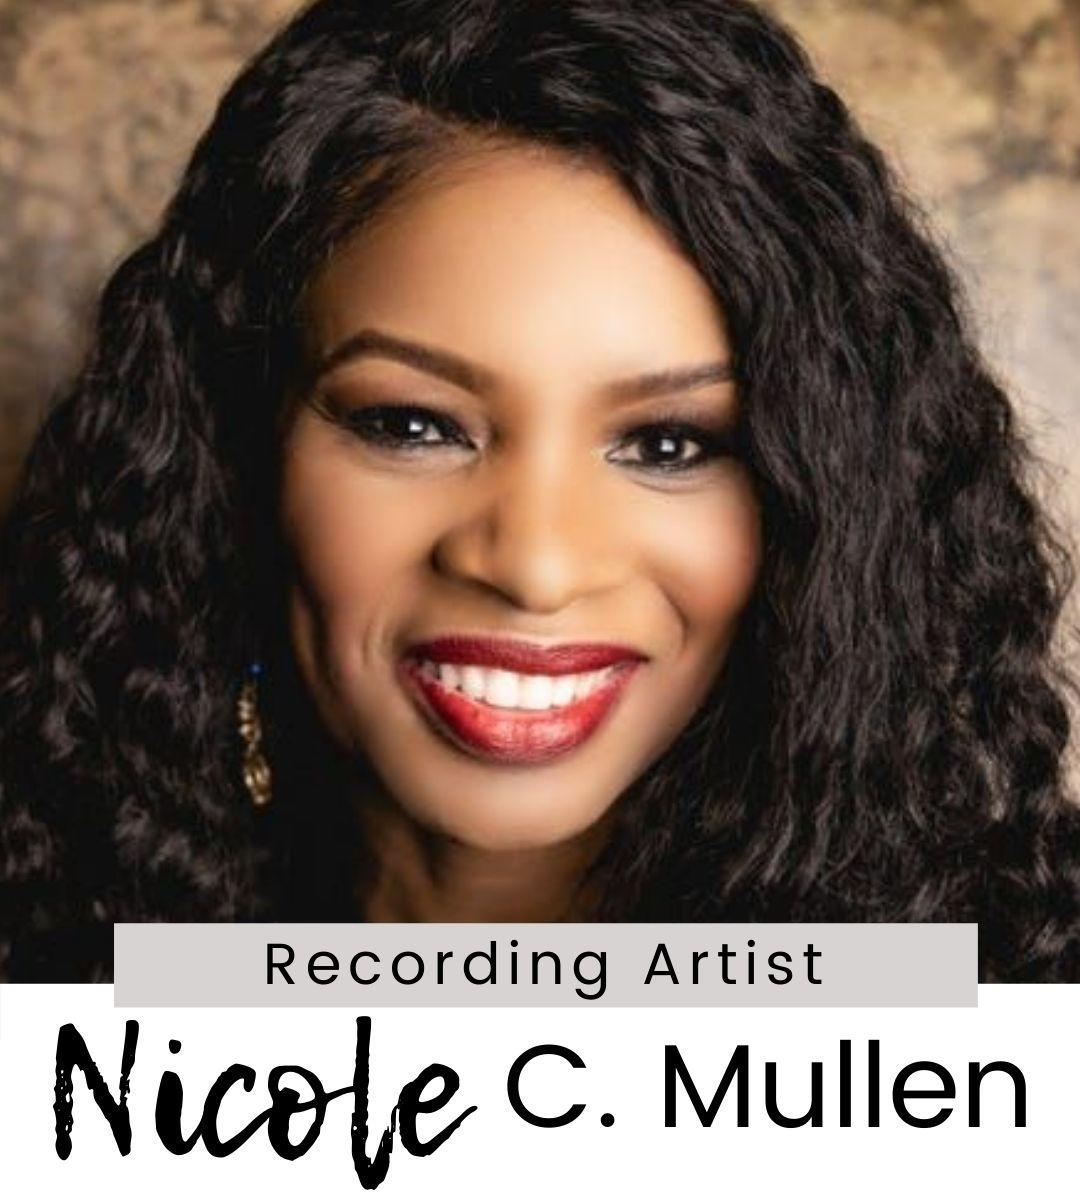 Nicole_C_Mullen